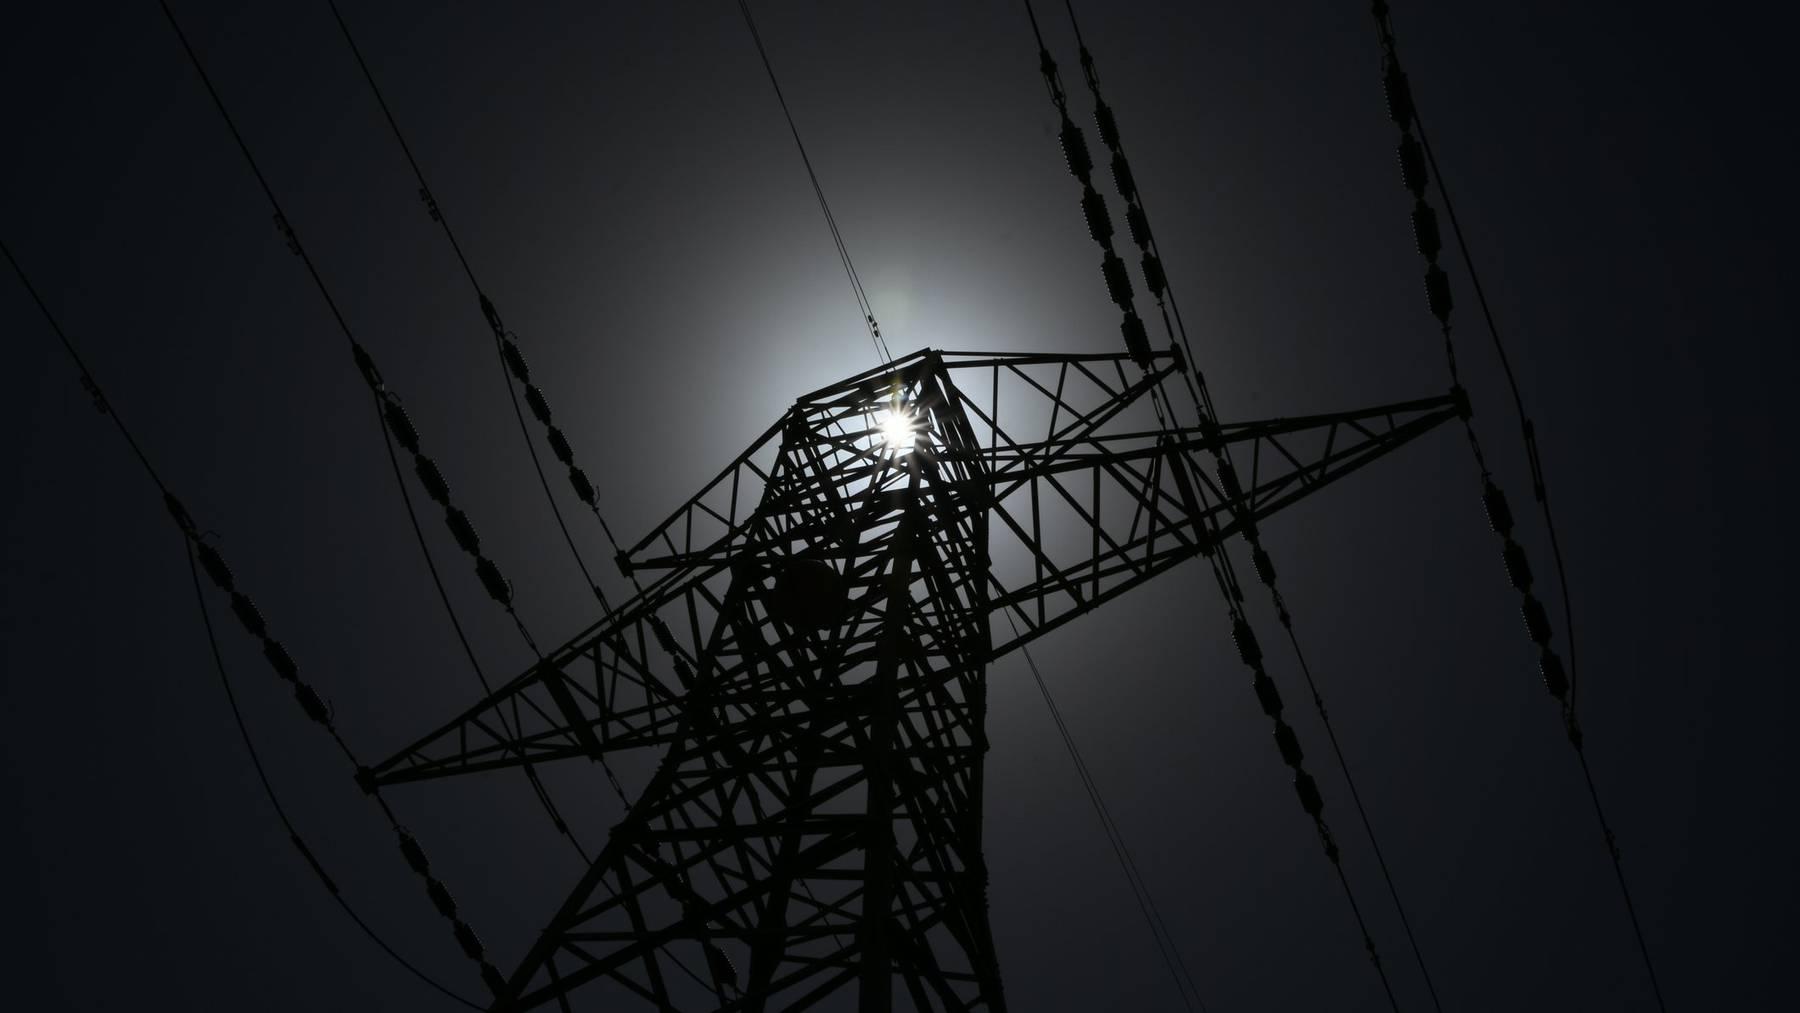 Der Strom war in Teilen des FM1-Landes bis zu 14 Minuten weg.